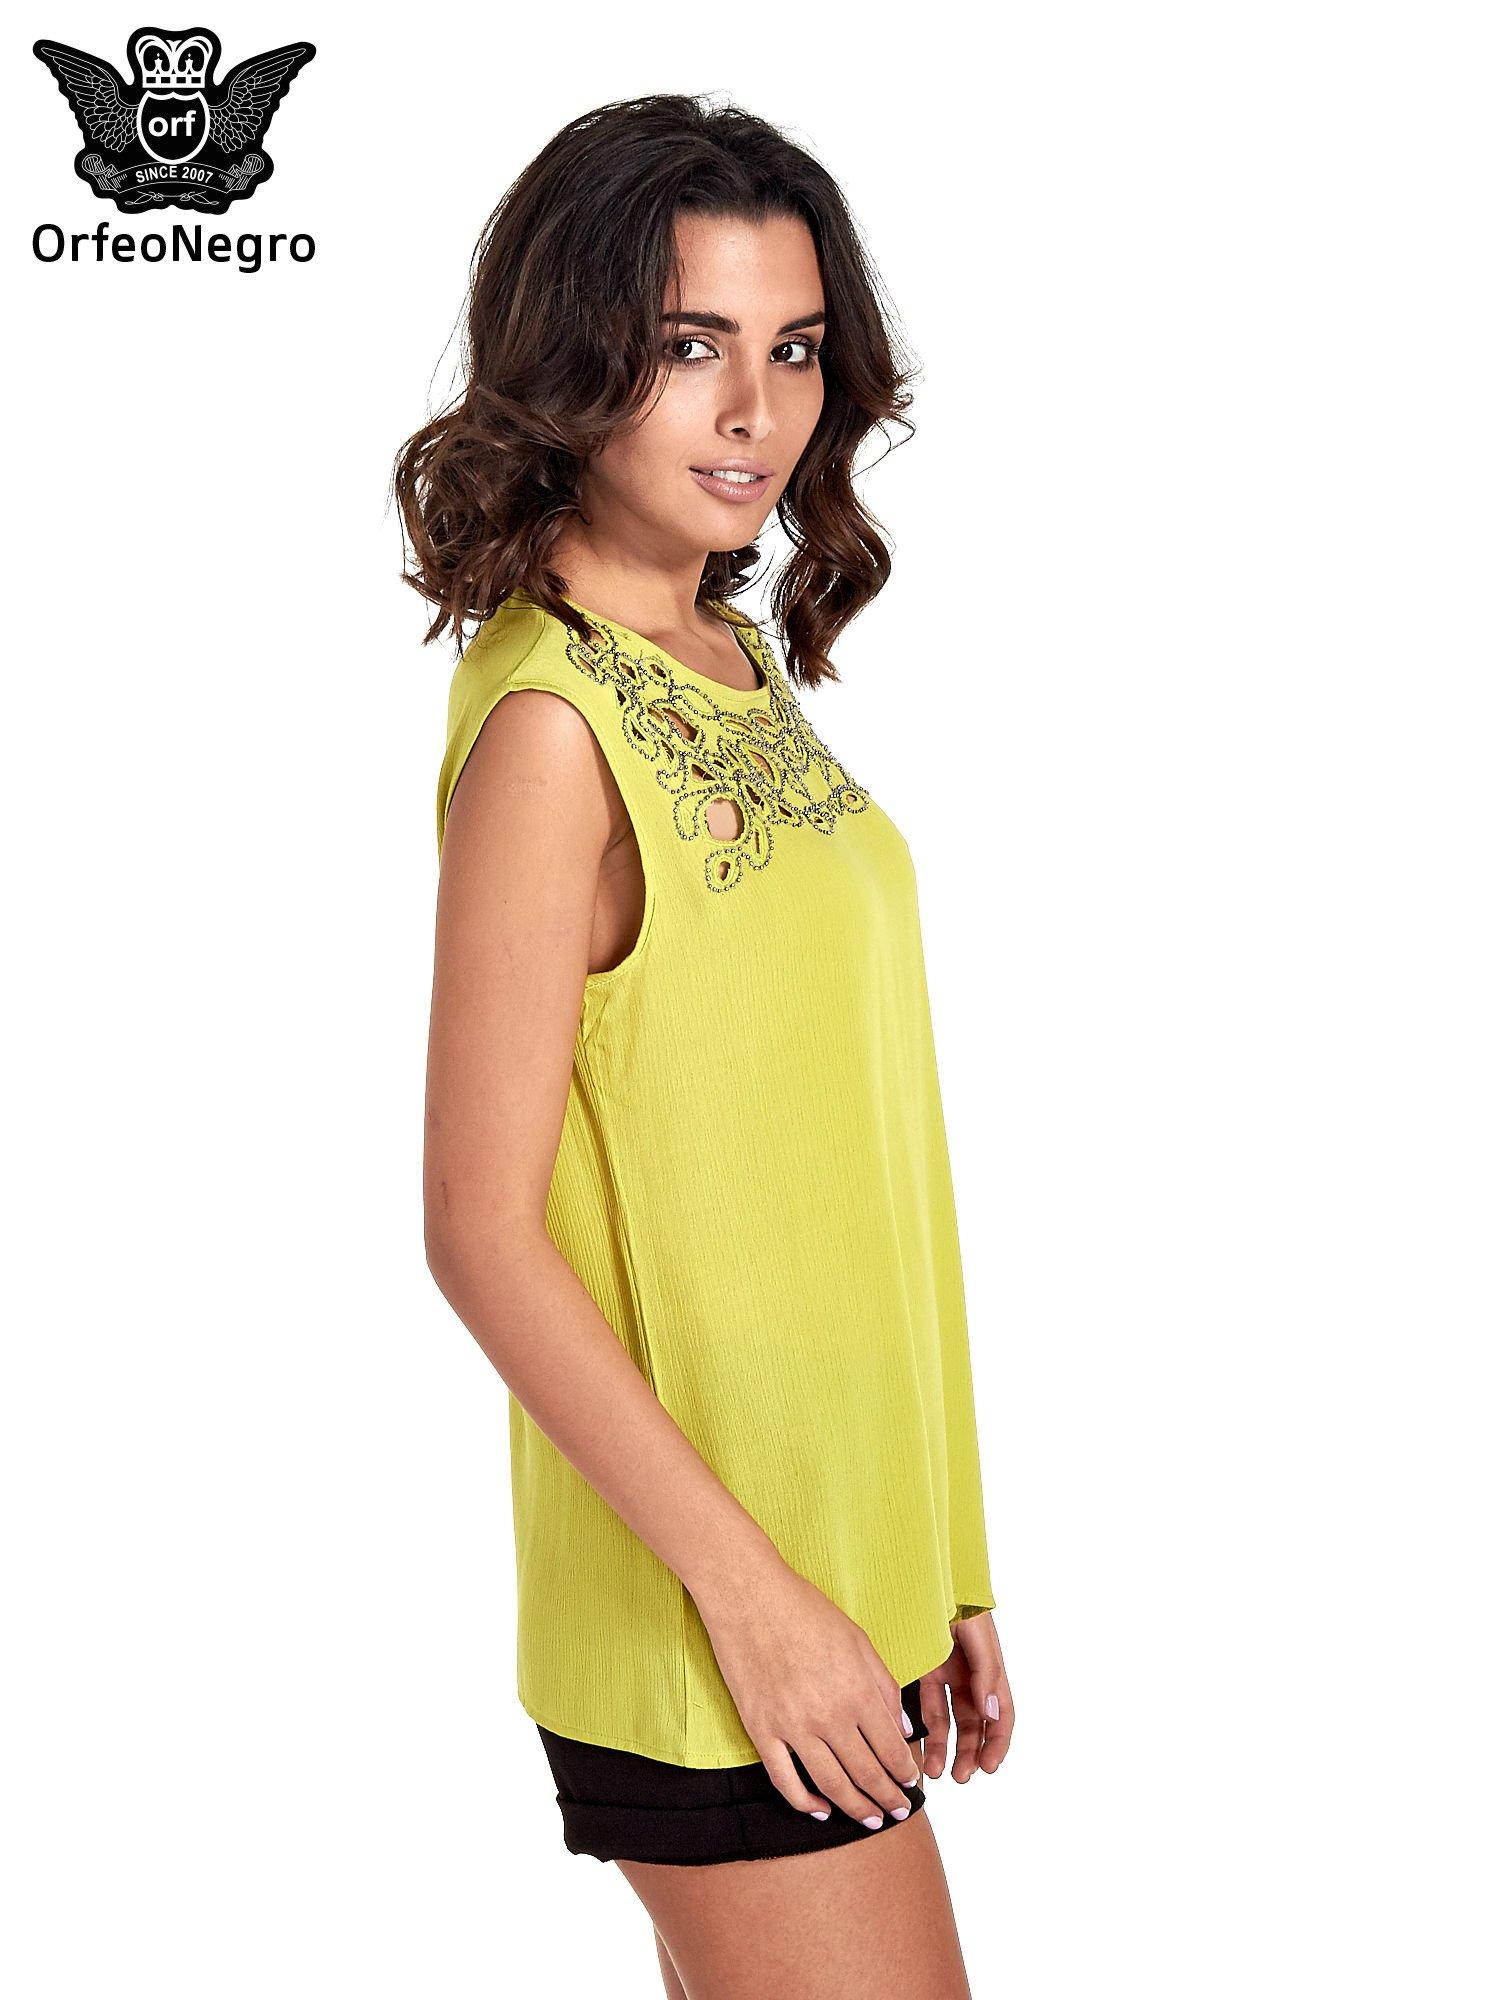 Zielona bluzka koszulowa z ozdobnym dekoltem z wycięciami                                  zdj.                                  3